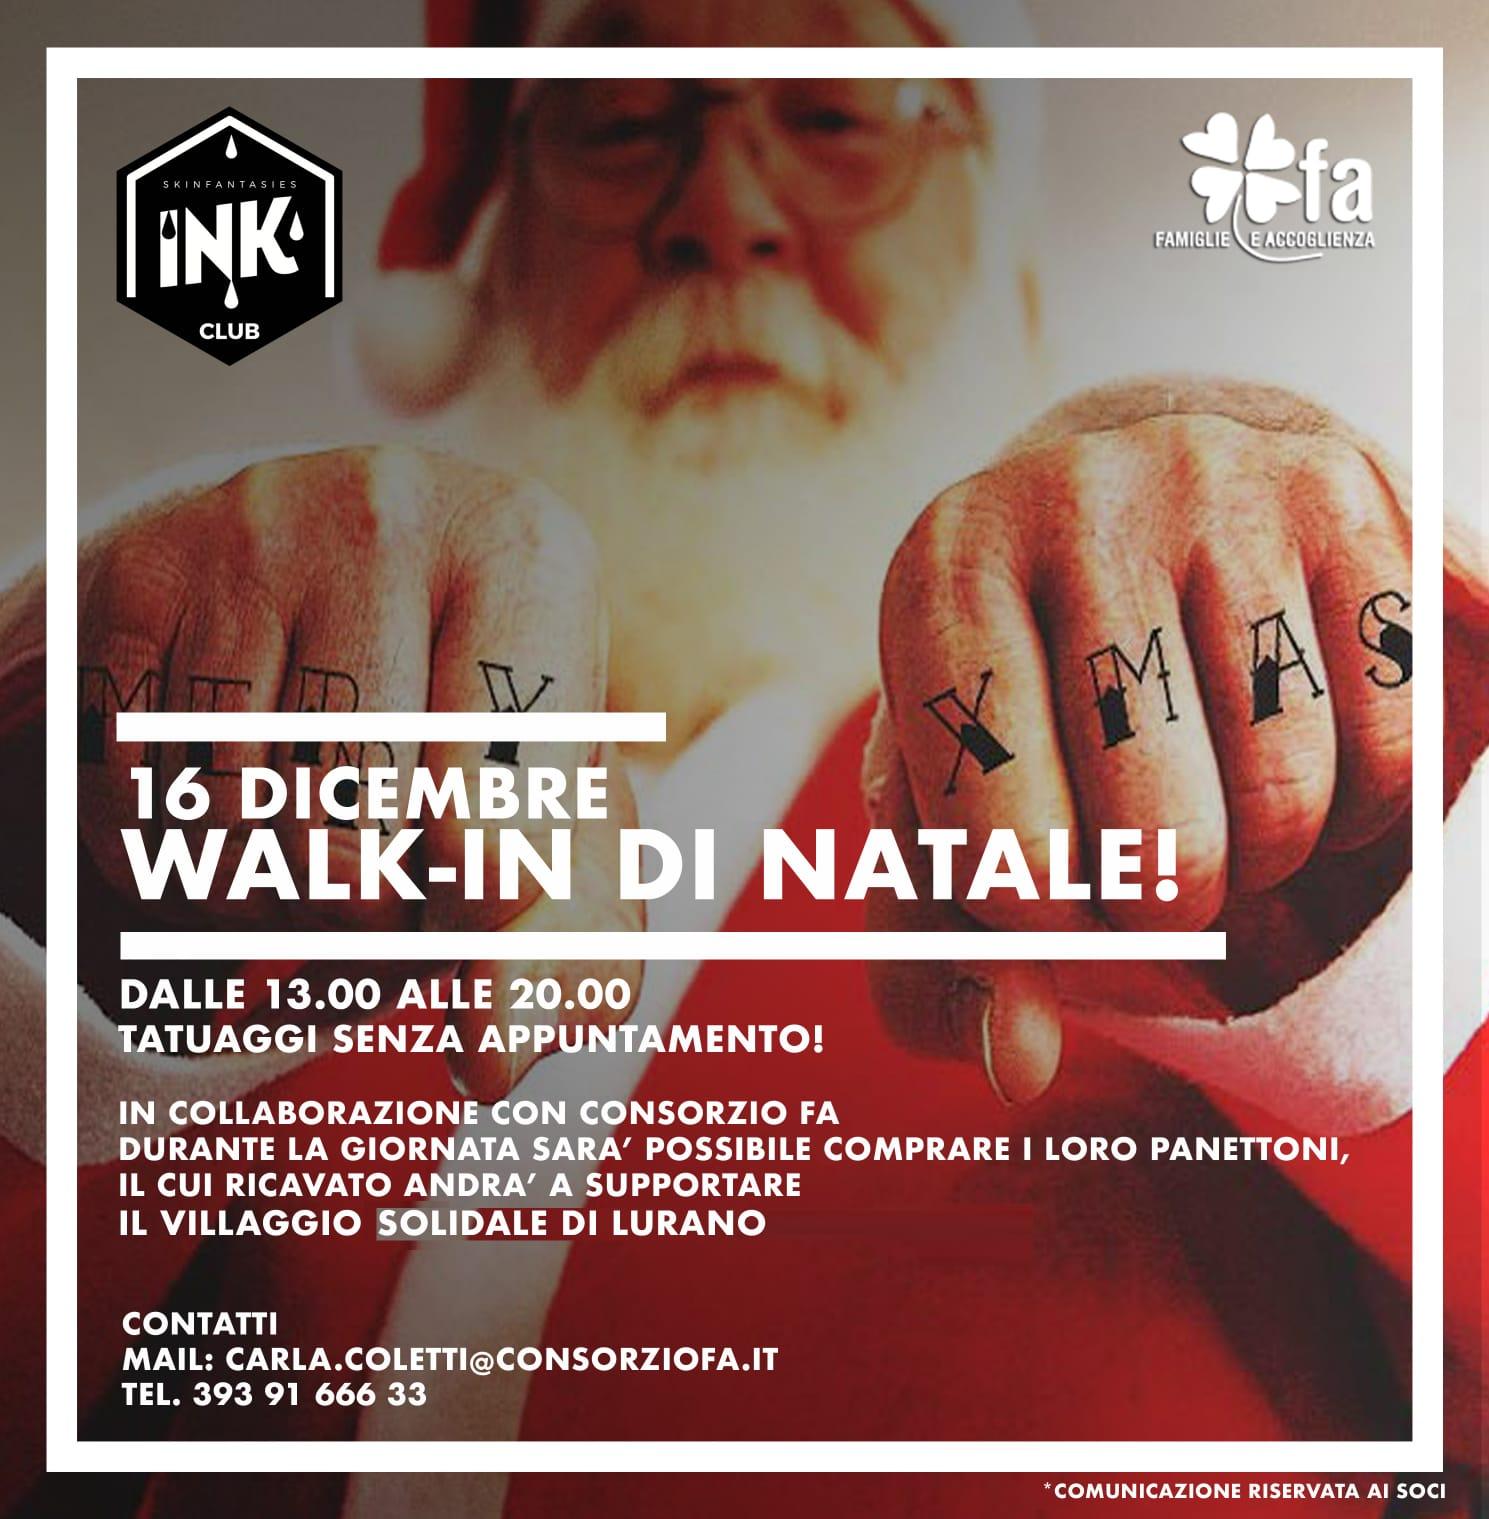 Walk-In di Natale: tatuaggi a sostegno del Villaggio Solidale